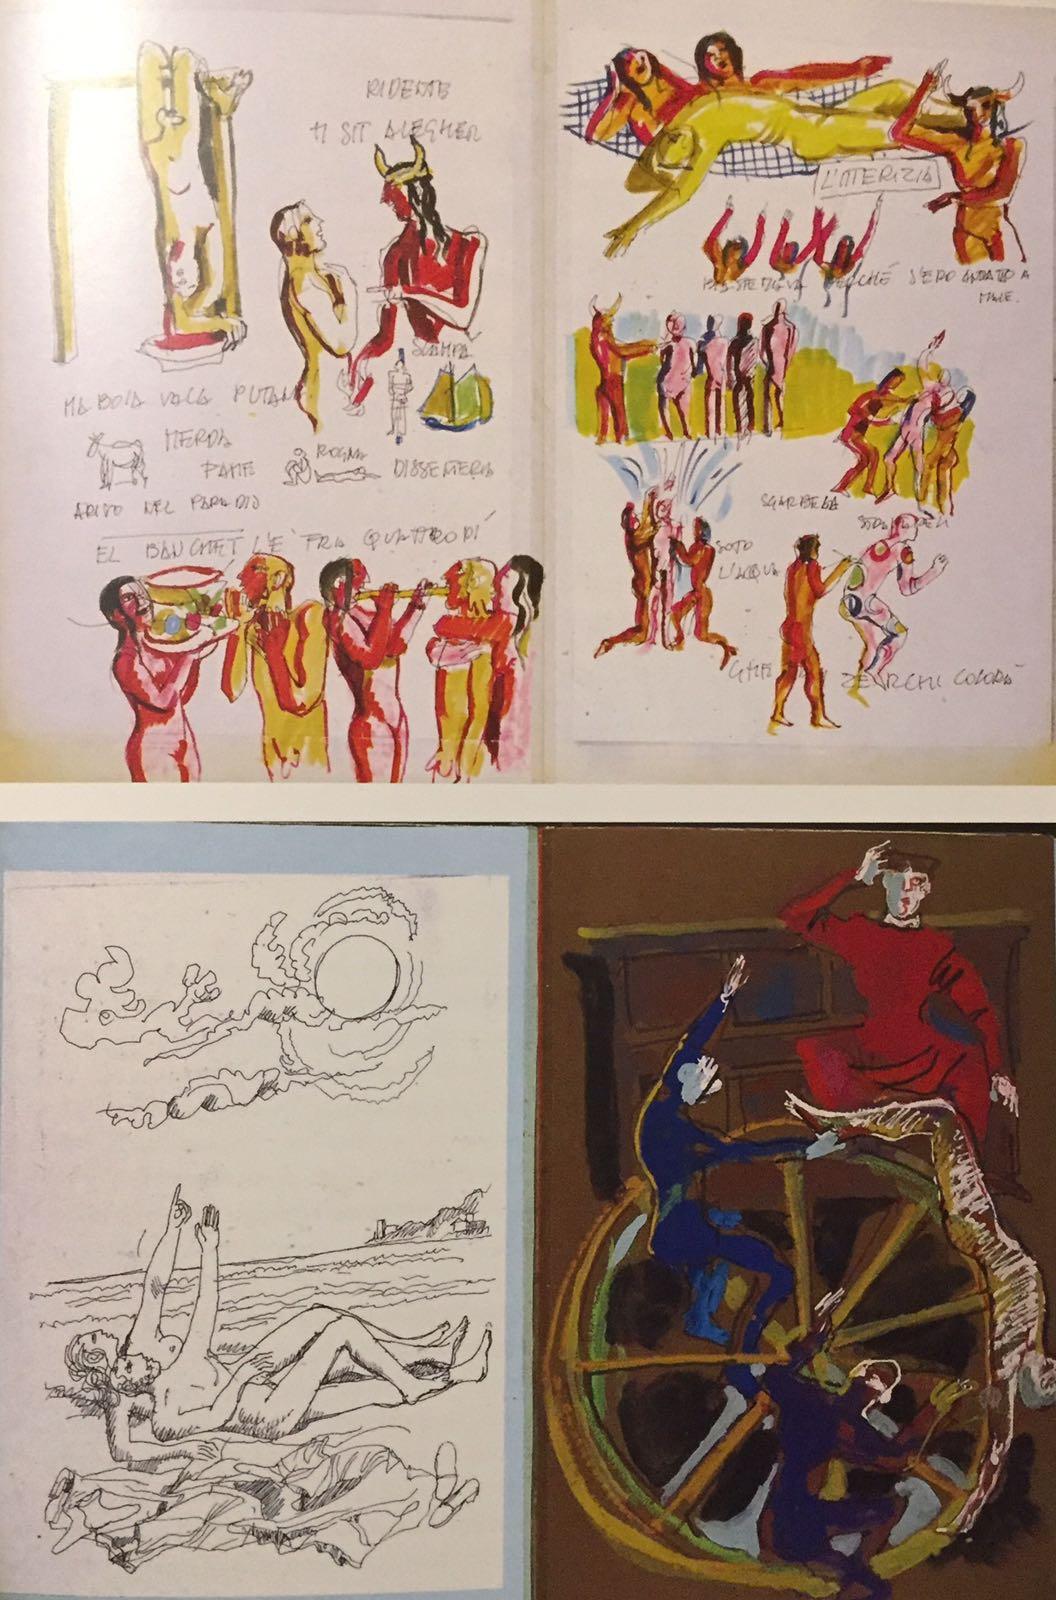 Album dei disegni per lo spettacolo Johan Padan a la descoverta de le Americhe, 1991 © Archivio Franca Rame-Dario Fo